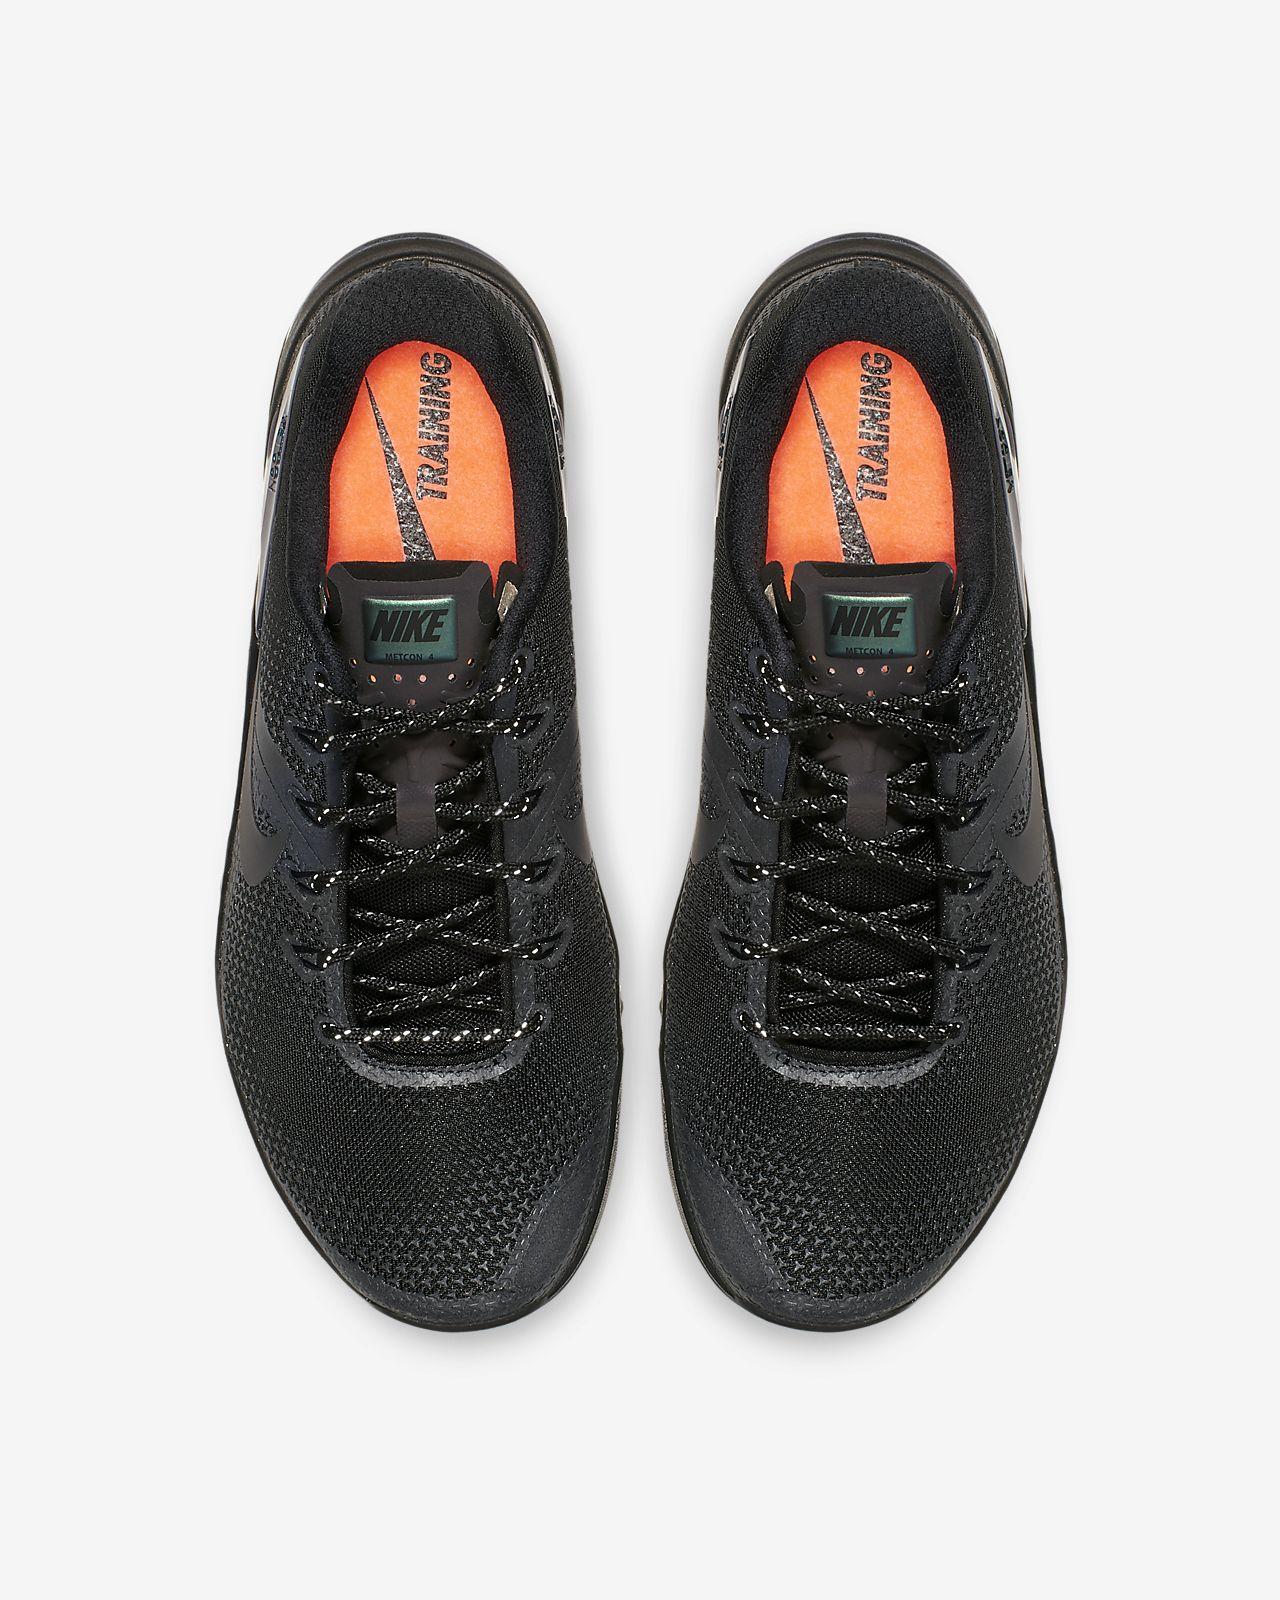 4c50db8cb419b ... Nike Metcon 4 Premium Zapatillas de cross training y levantamiento de  pesas - Hombre